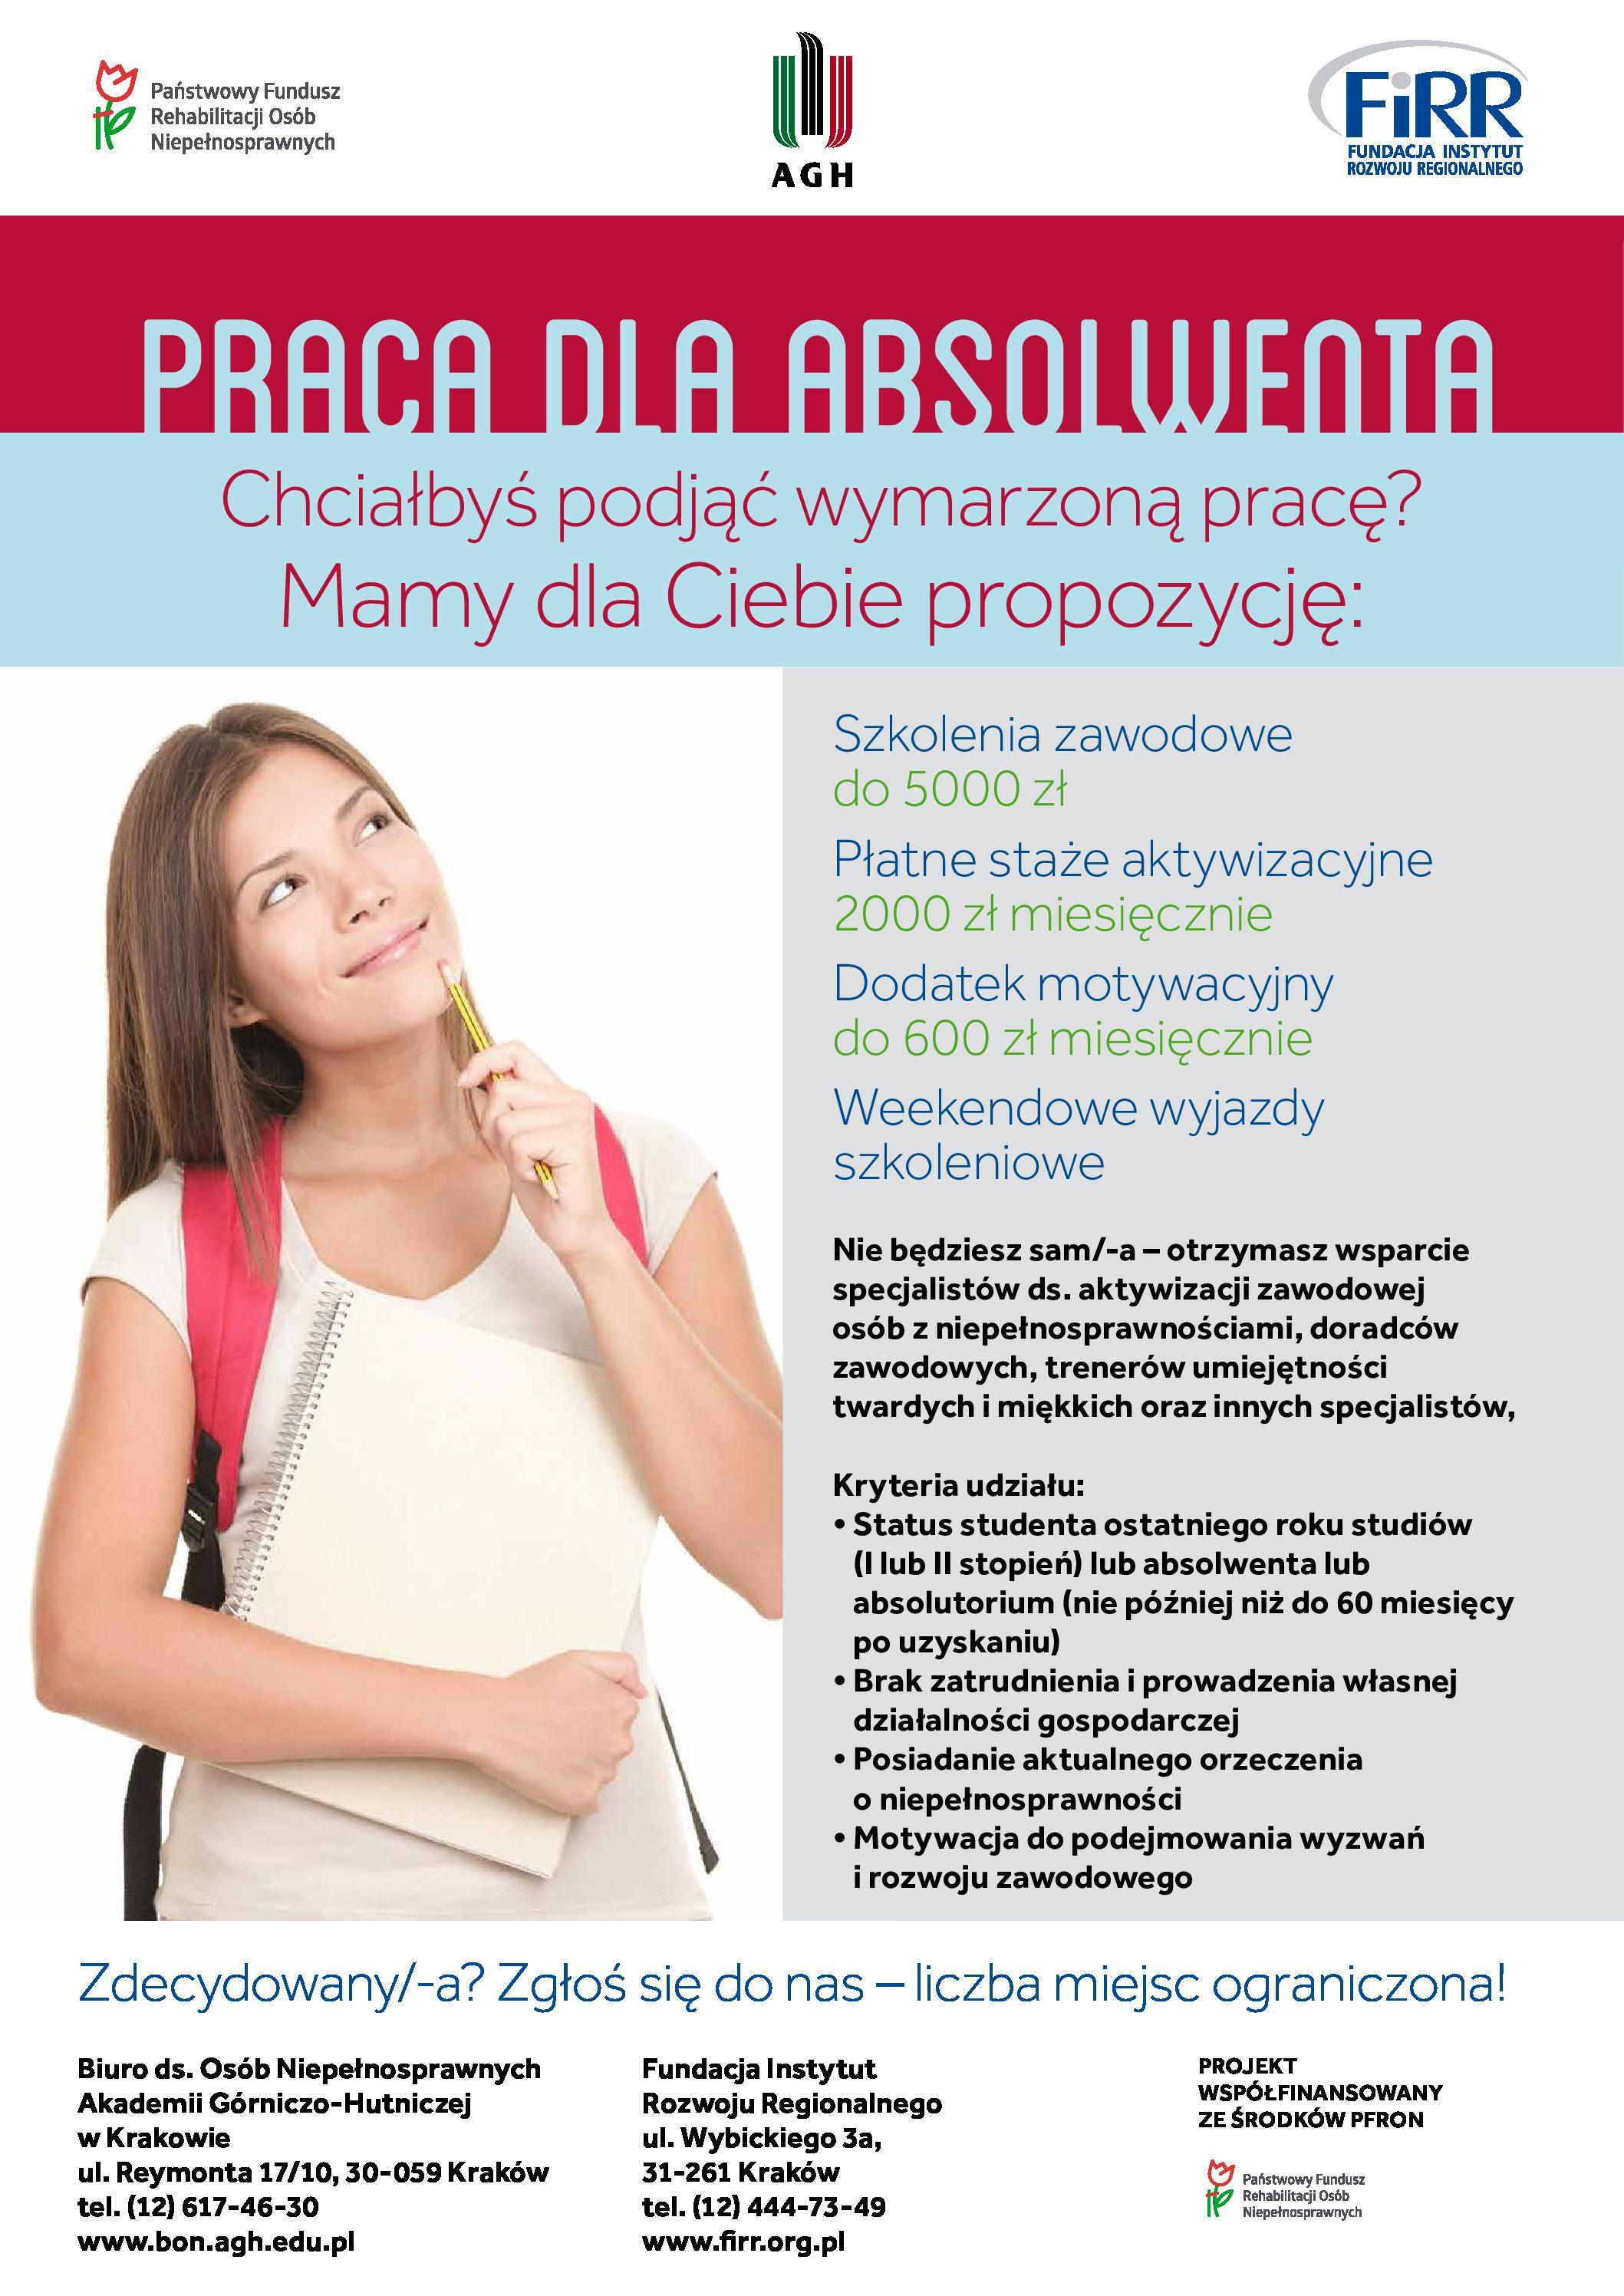 plakat projektu praca dla absolwenta